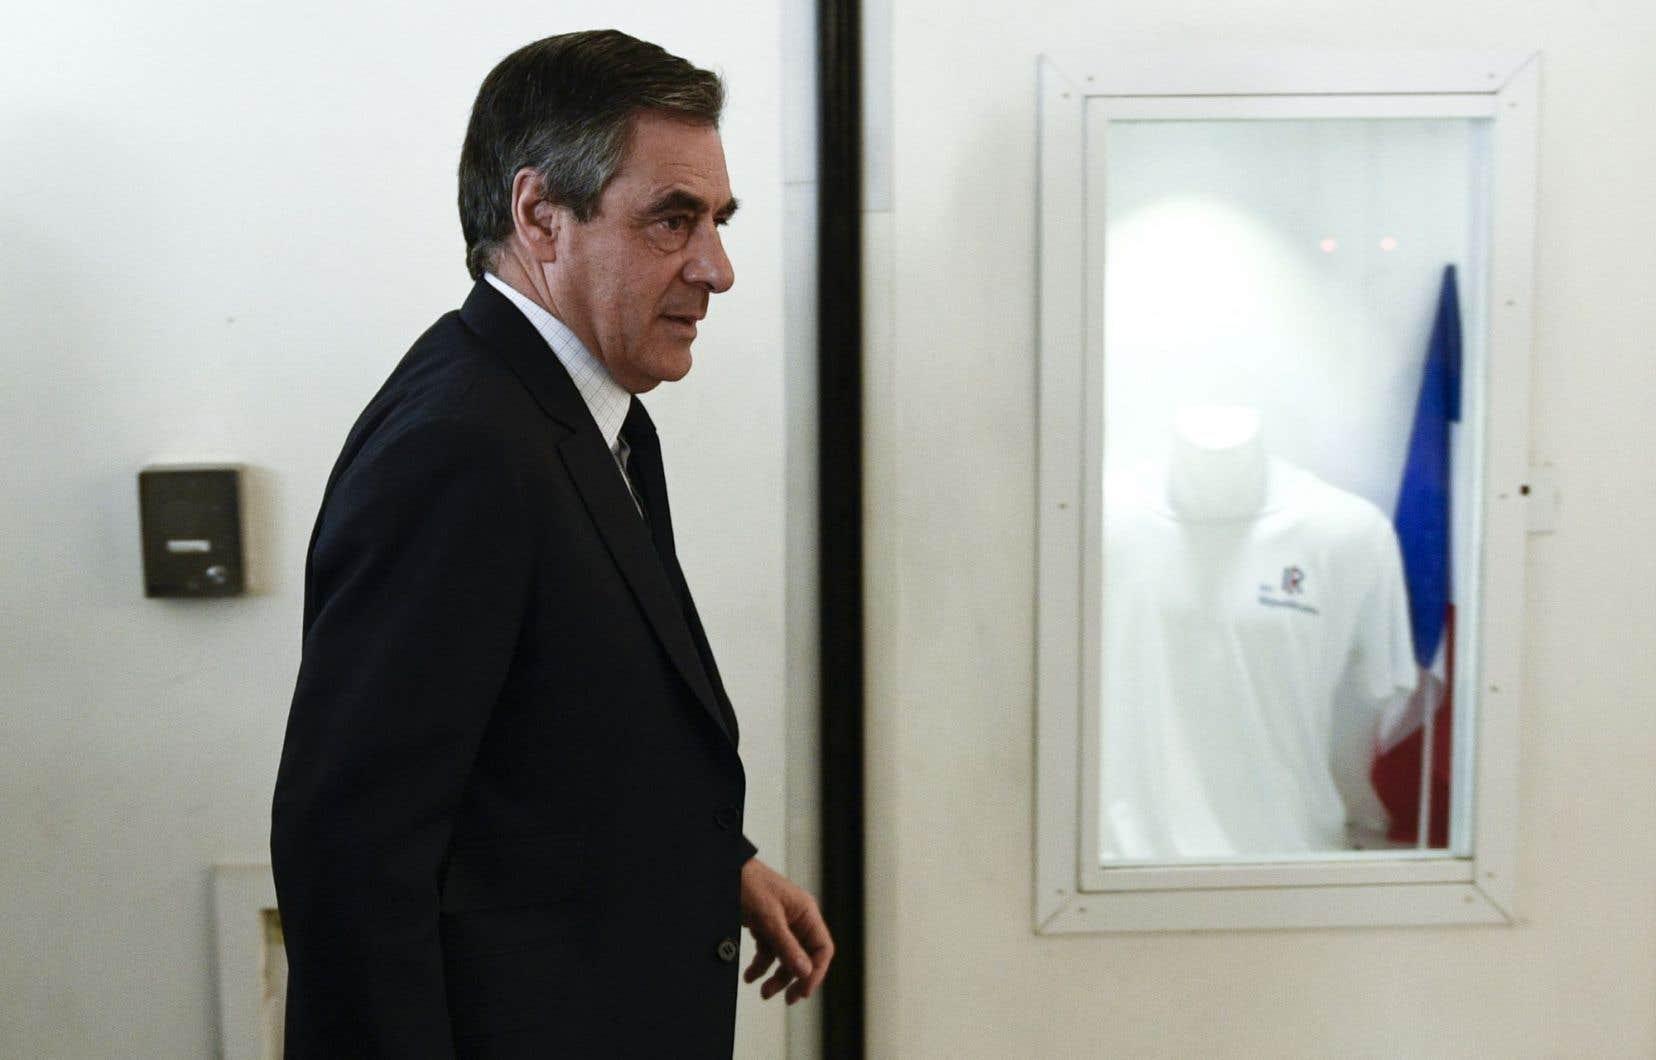 Devant les principaux élus du parti Les Républicains, François Fillon a déclaré ne plus plus avoir l'autorité nécessaire pour guider les militants.